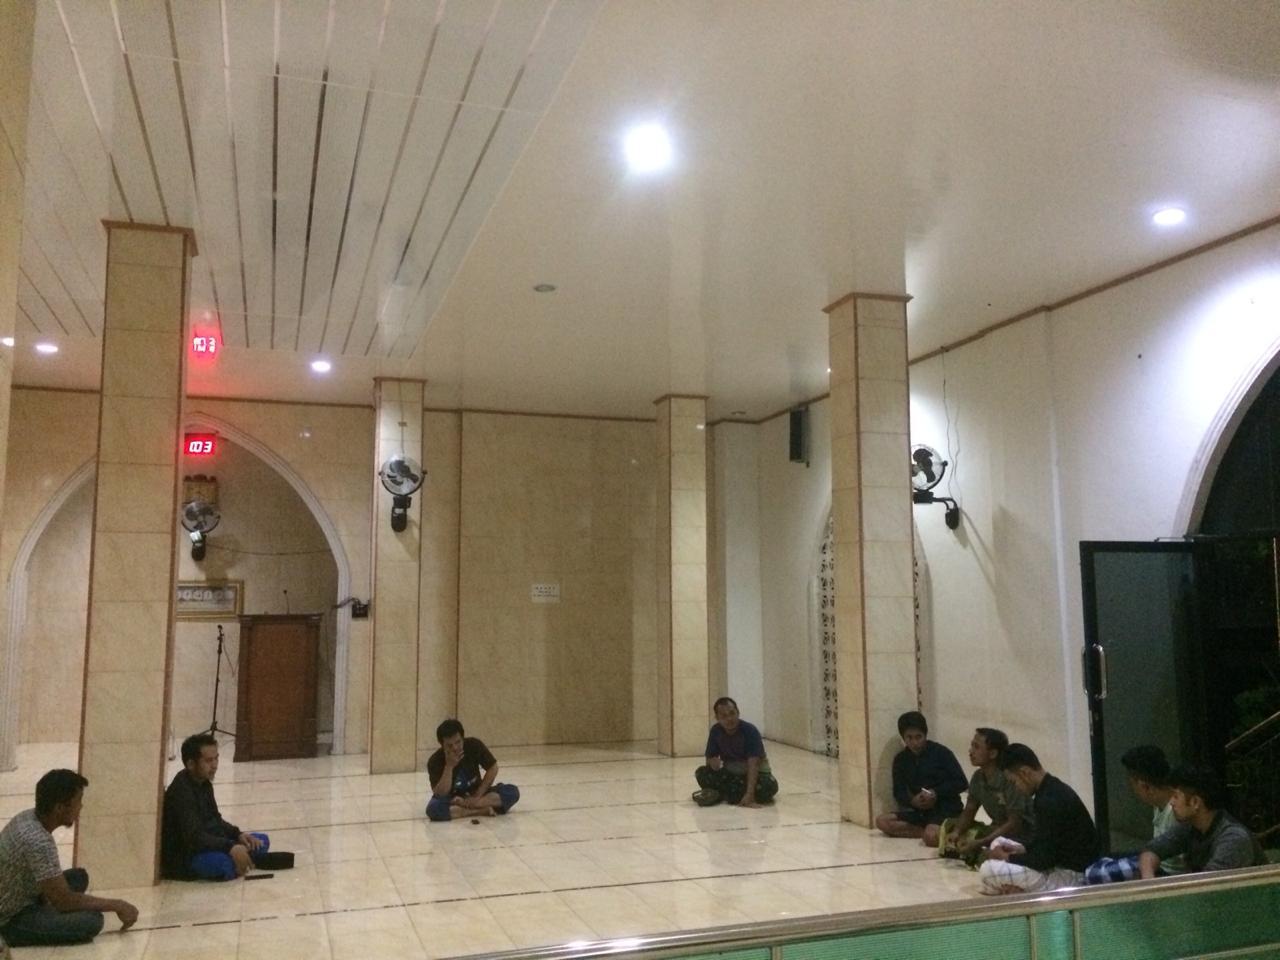 Begini Cara Remaja Masjid Hanura Belalang Anggeraja Sambut Bulan Ramadhan